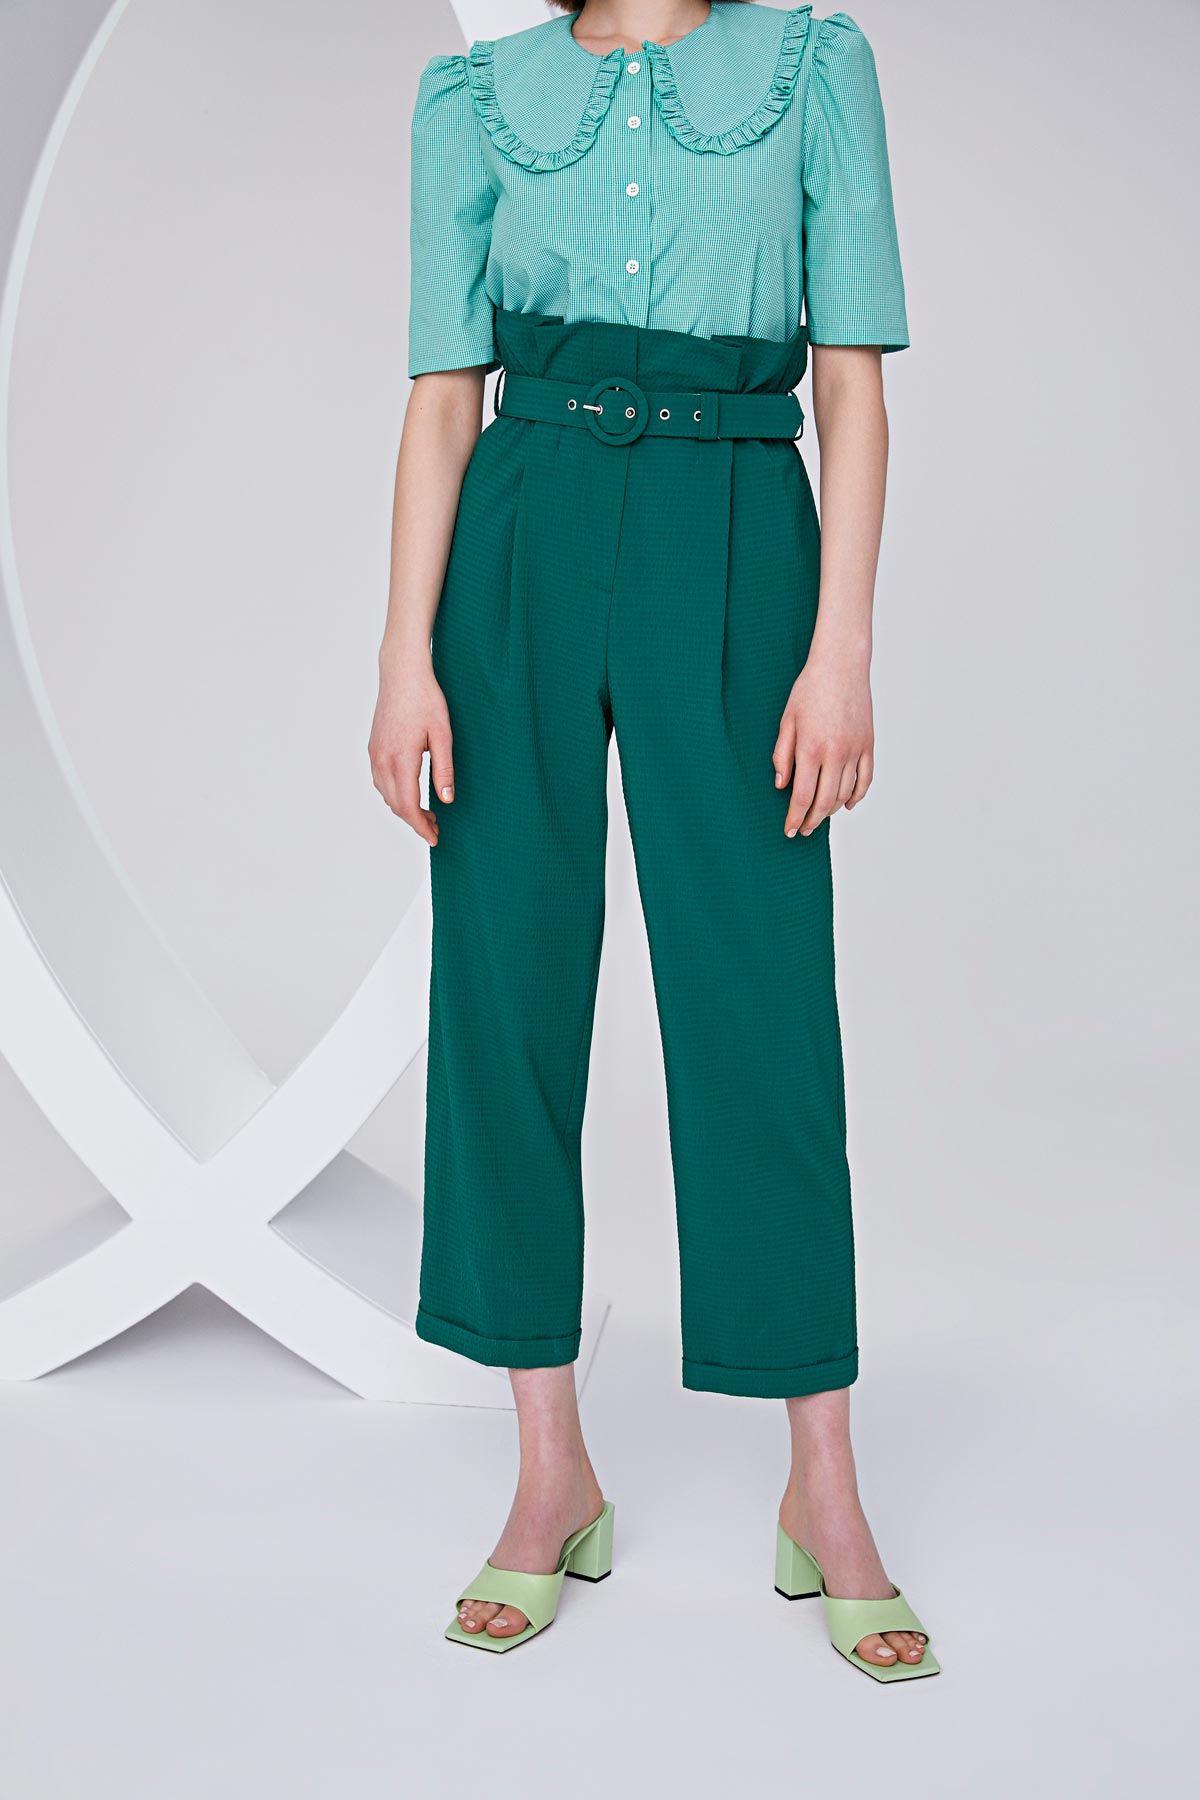 Yüksek bel havuç pantolon Nefti Yeşili